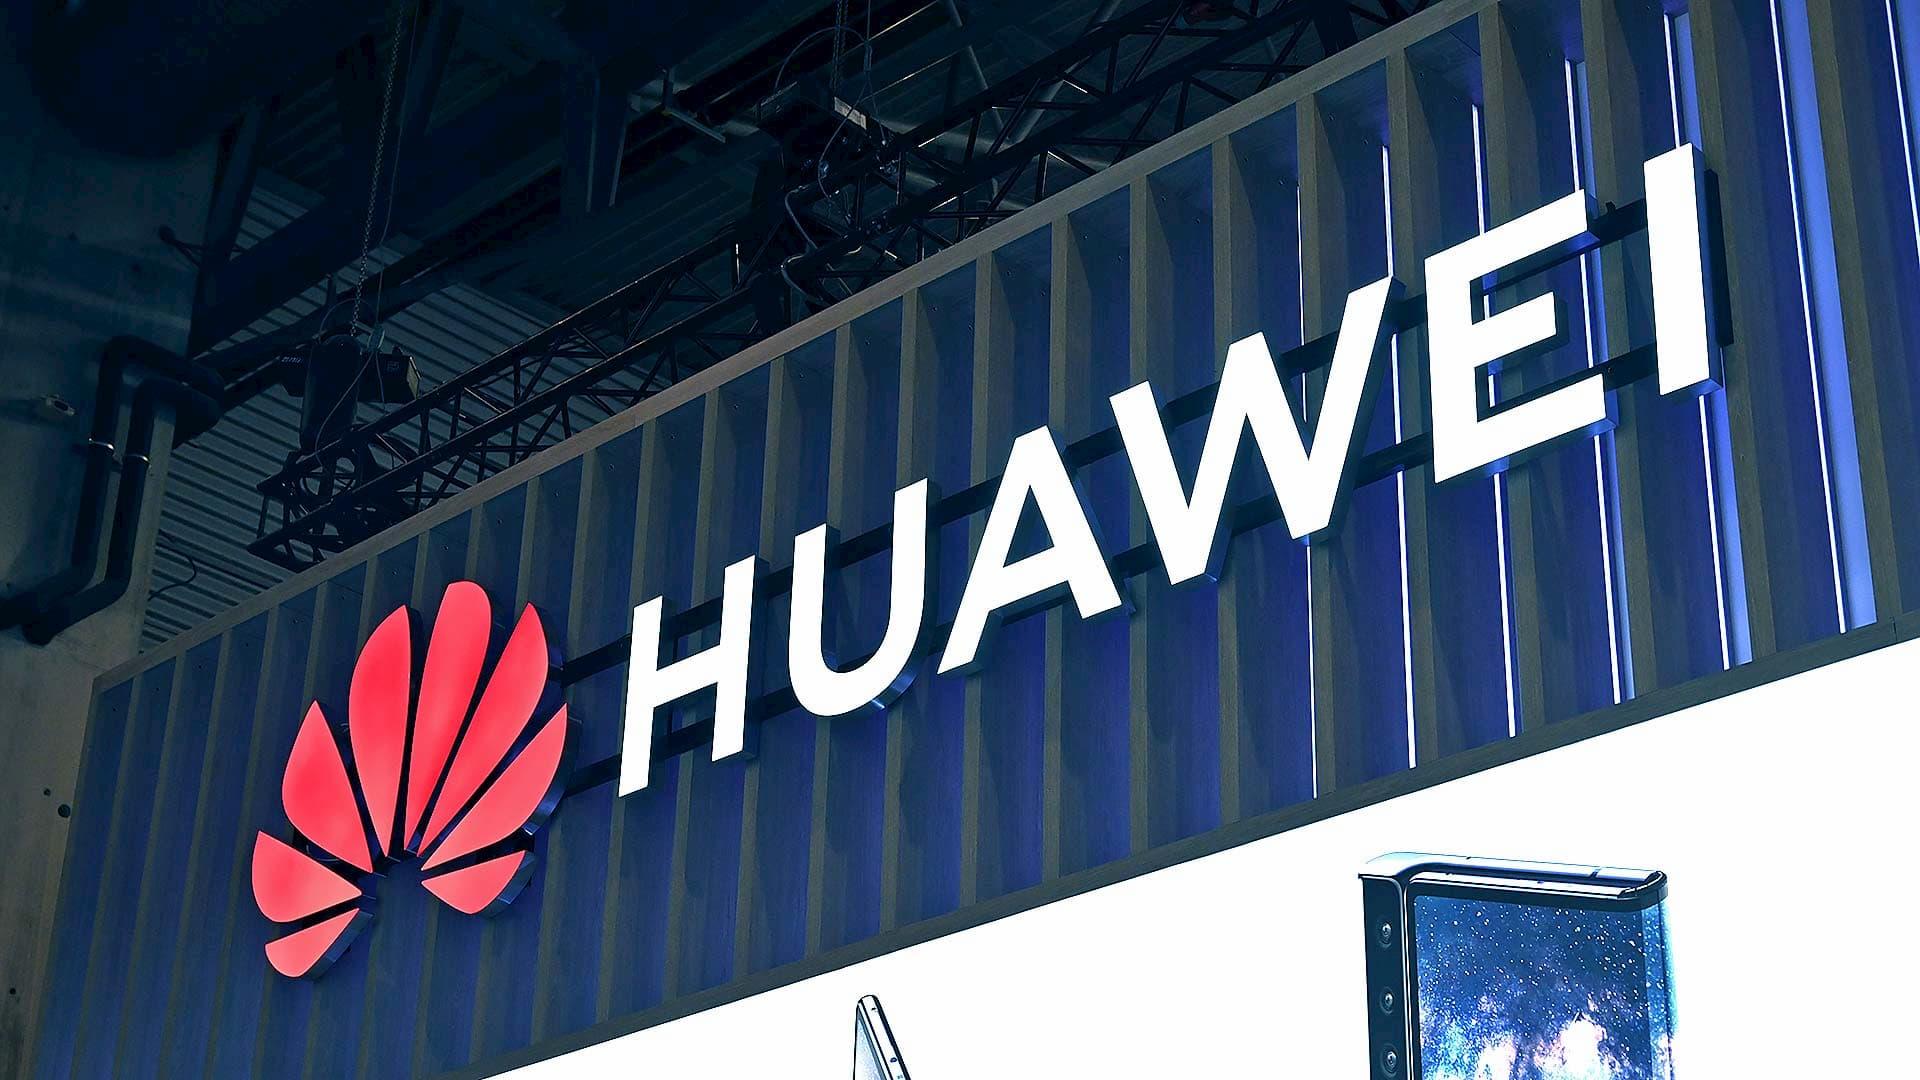 Logotipo da empresa chinesa Huawei